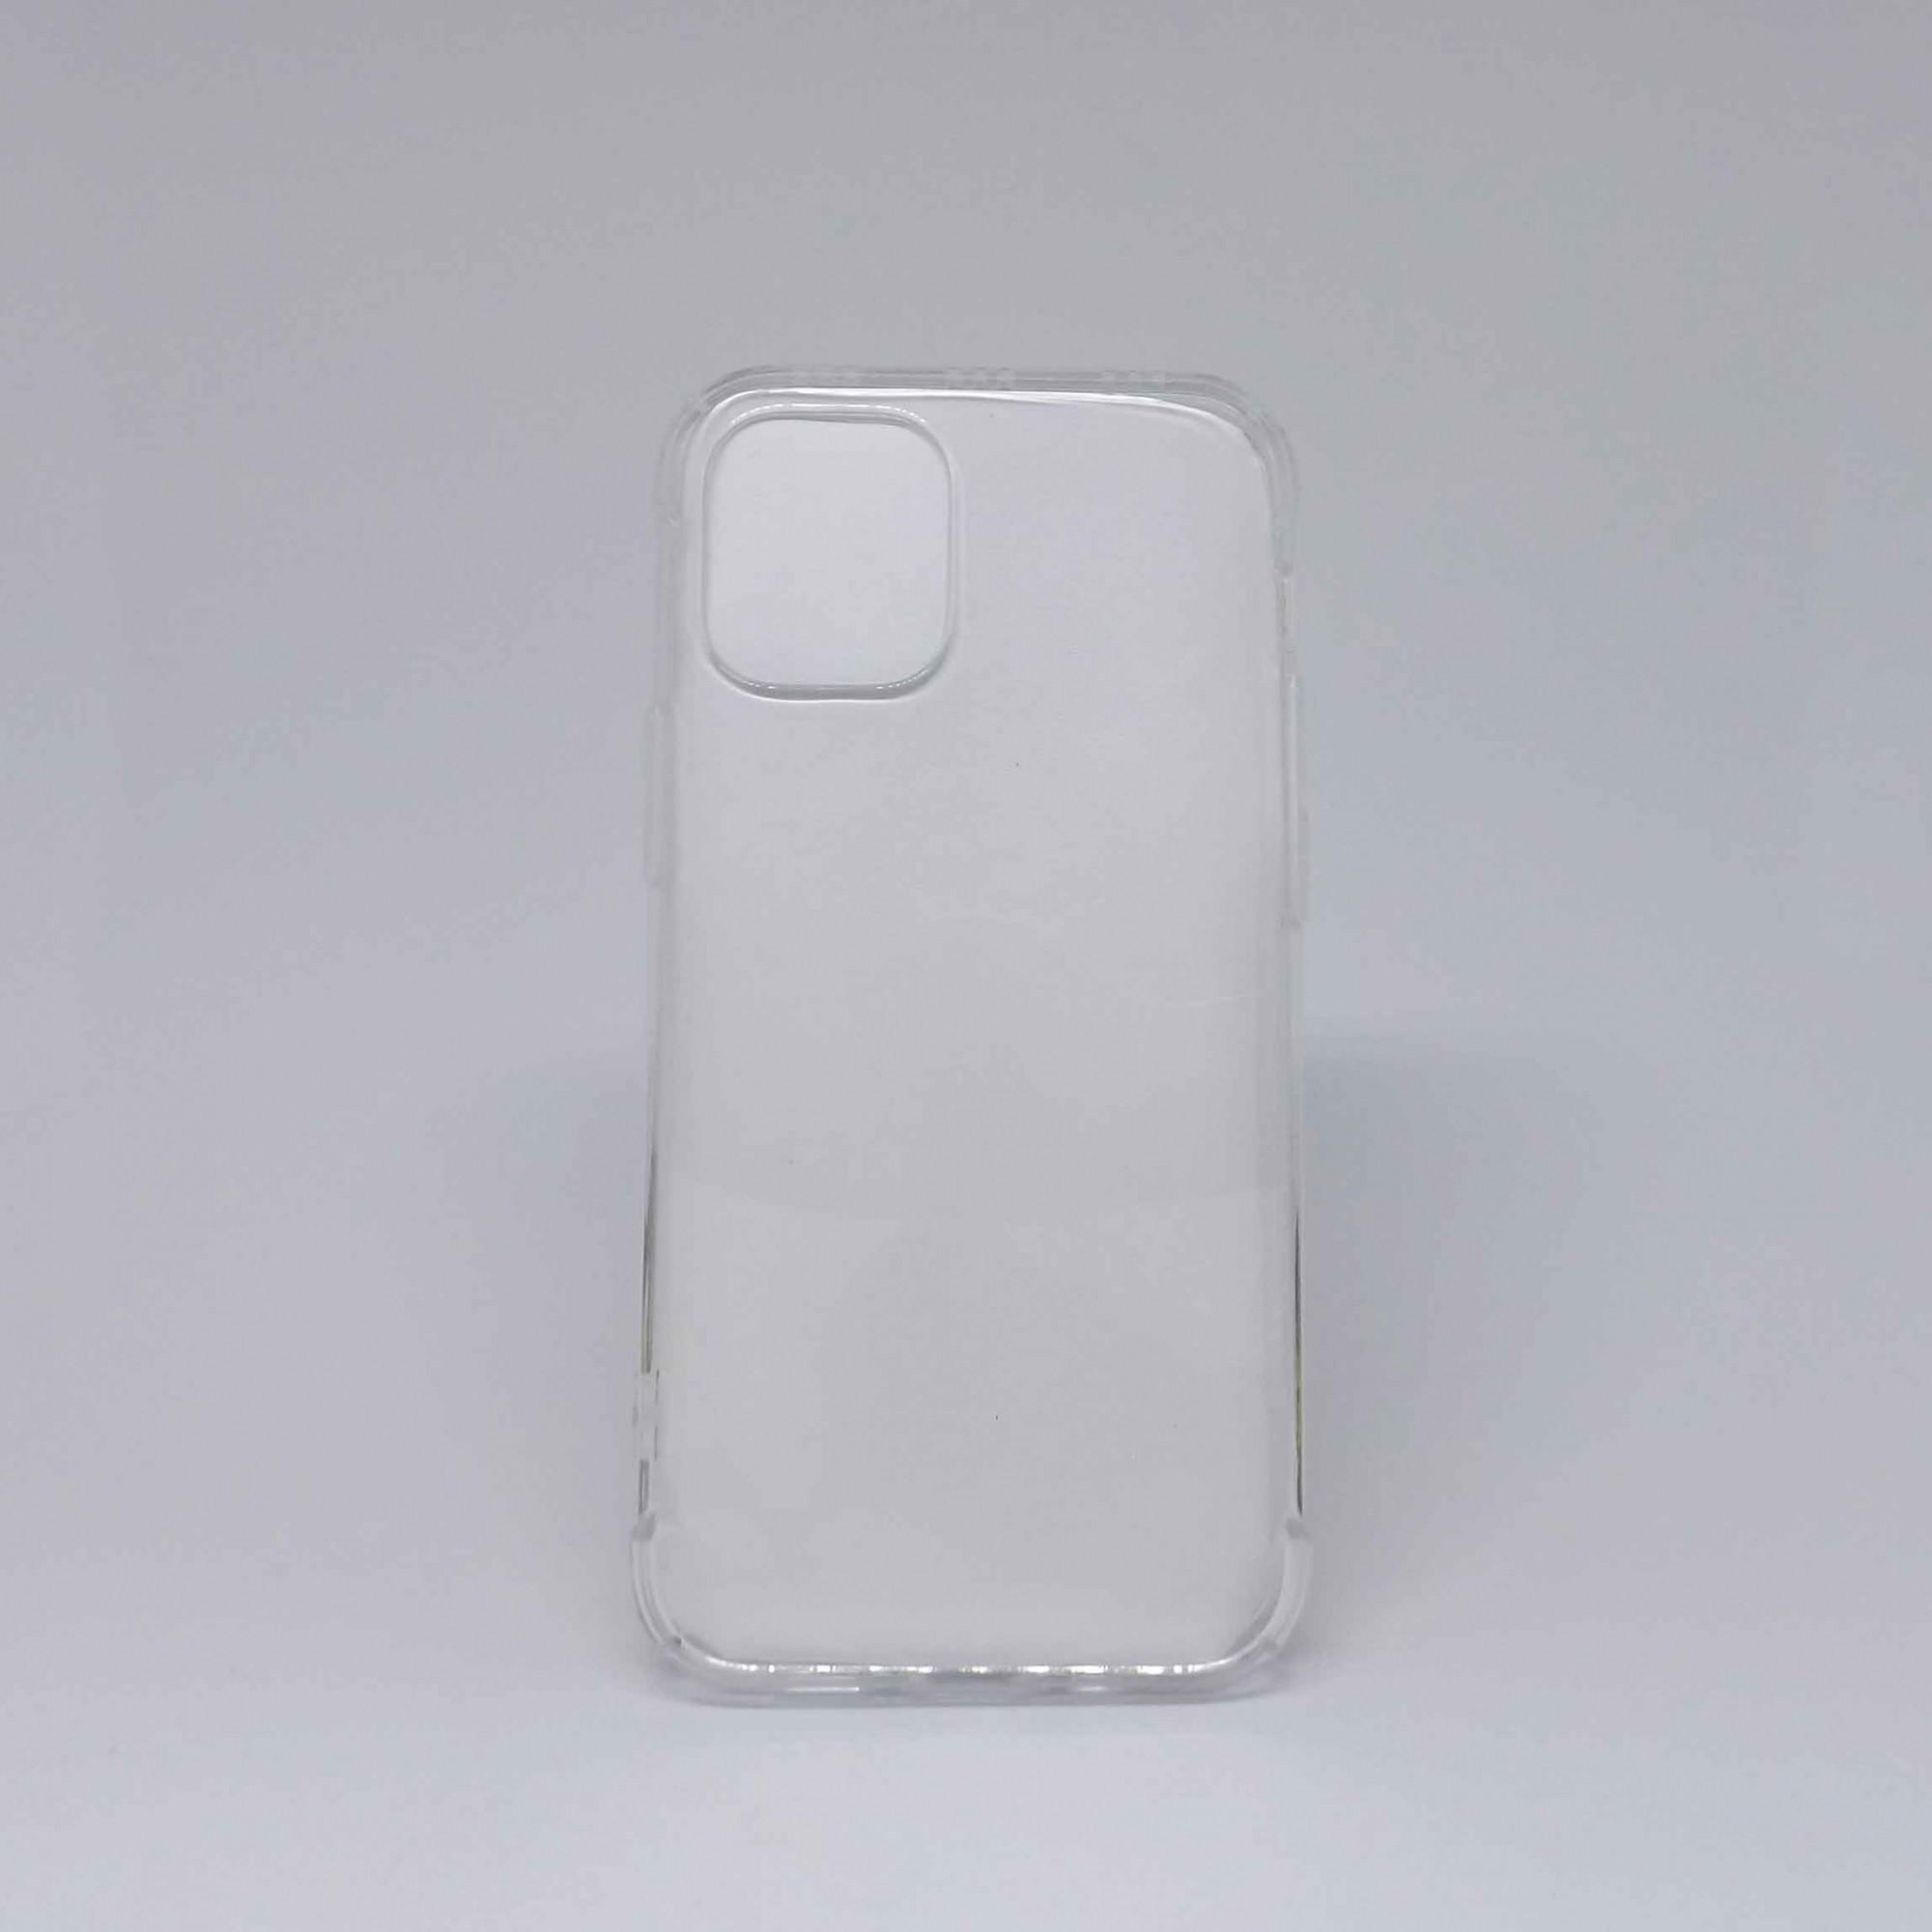 Capa iPhone 12 Pro Max Transparente